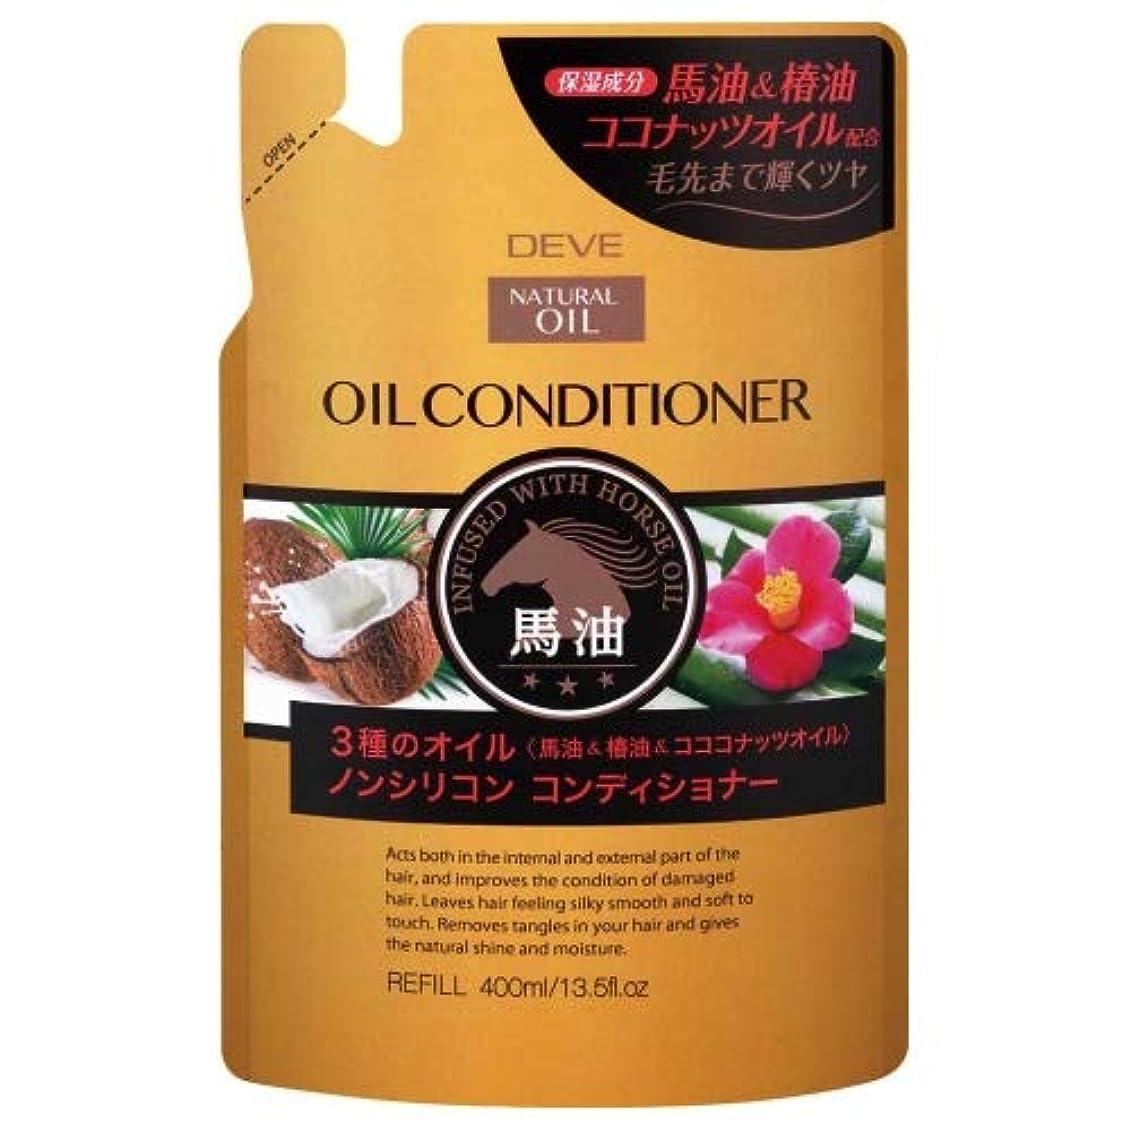 定義是正する溢れんばかりの熊野油脂 ディブ 3種のオイル コンディショナー(馬油?椿油?ココナッツオイル) 400ml